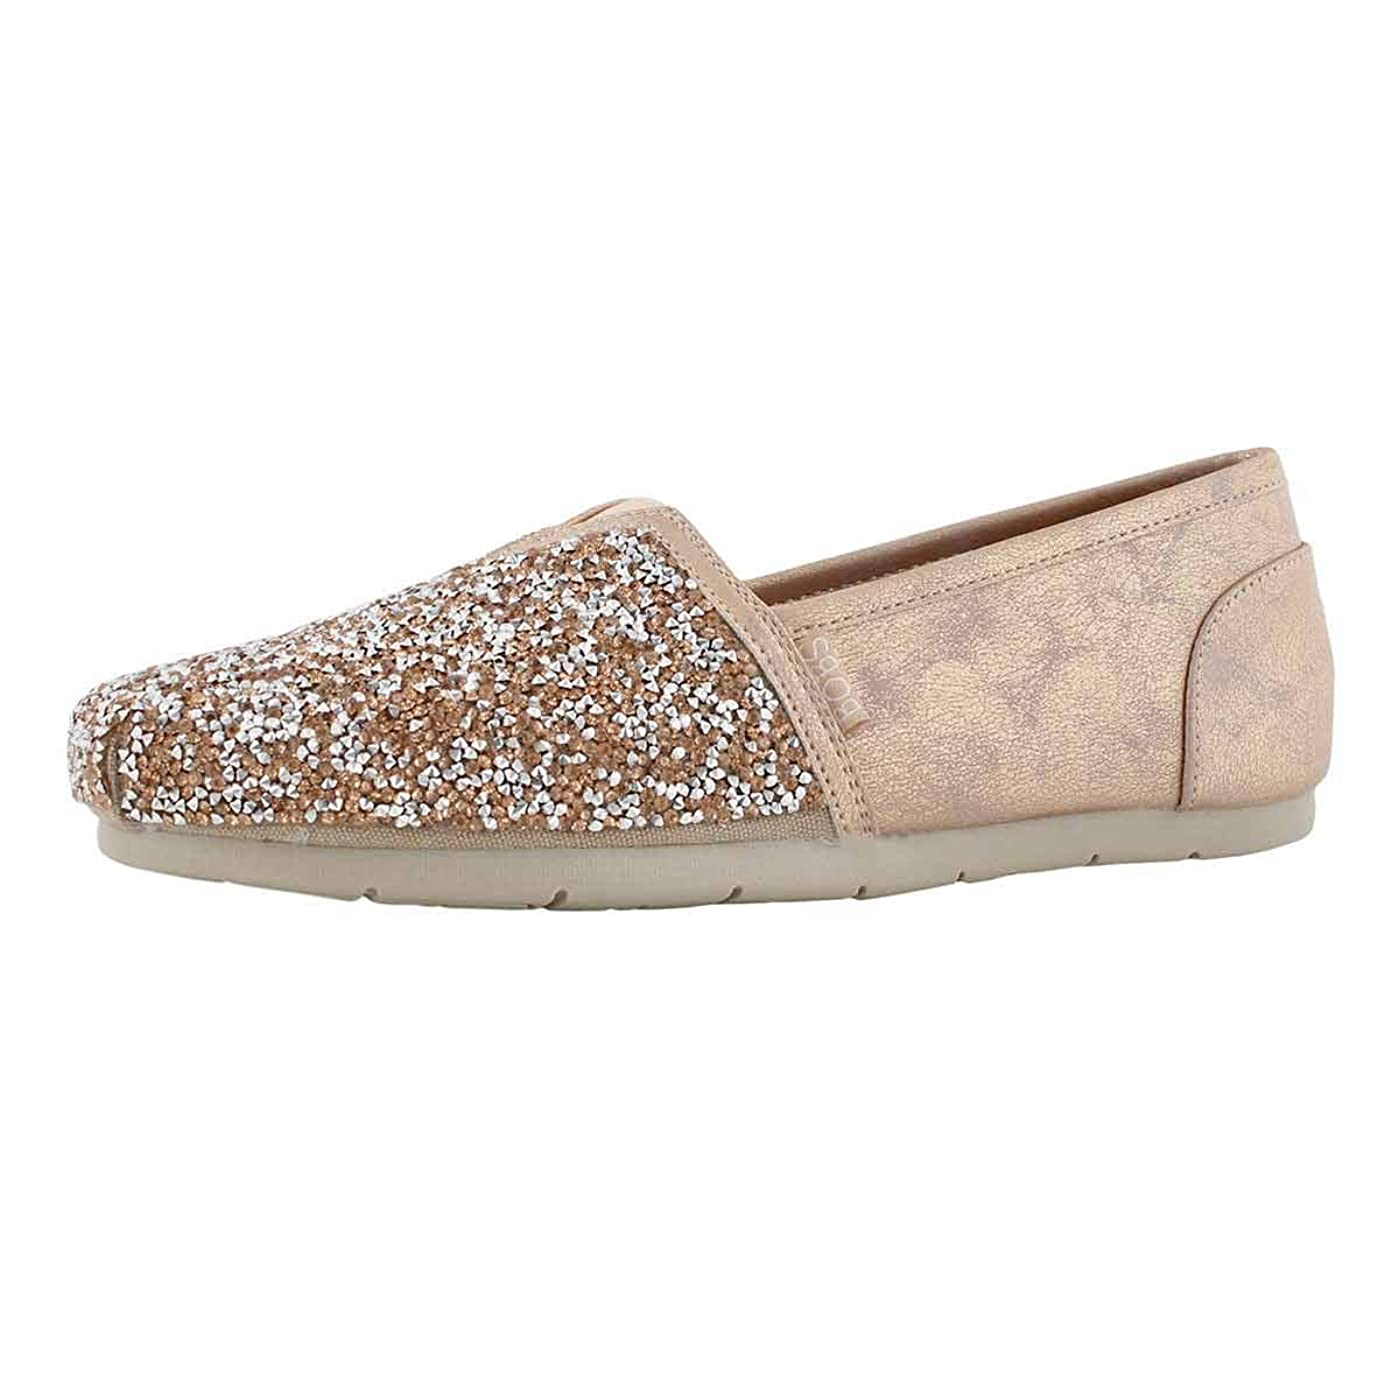 だらしないうがいサージ[ボブス スケッチャーズ] レディース 女性用 シューズ 靴 フラット Luxe Bobs - Rose Gold [並行輸入品]